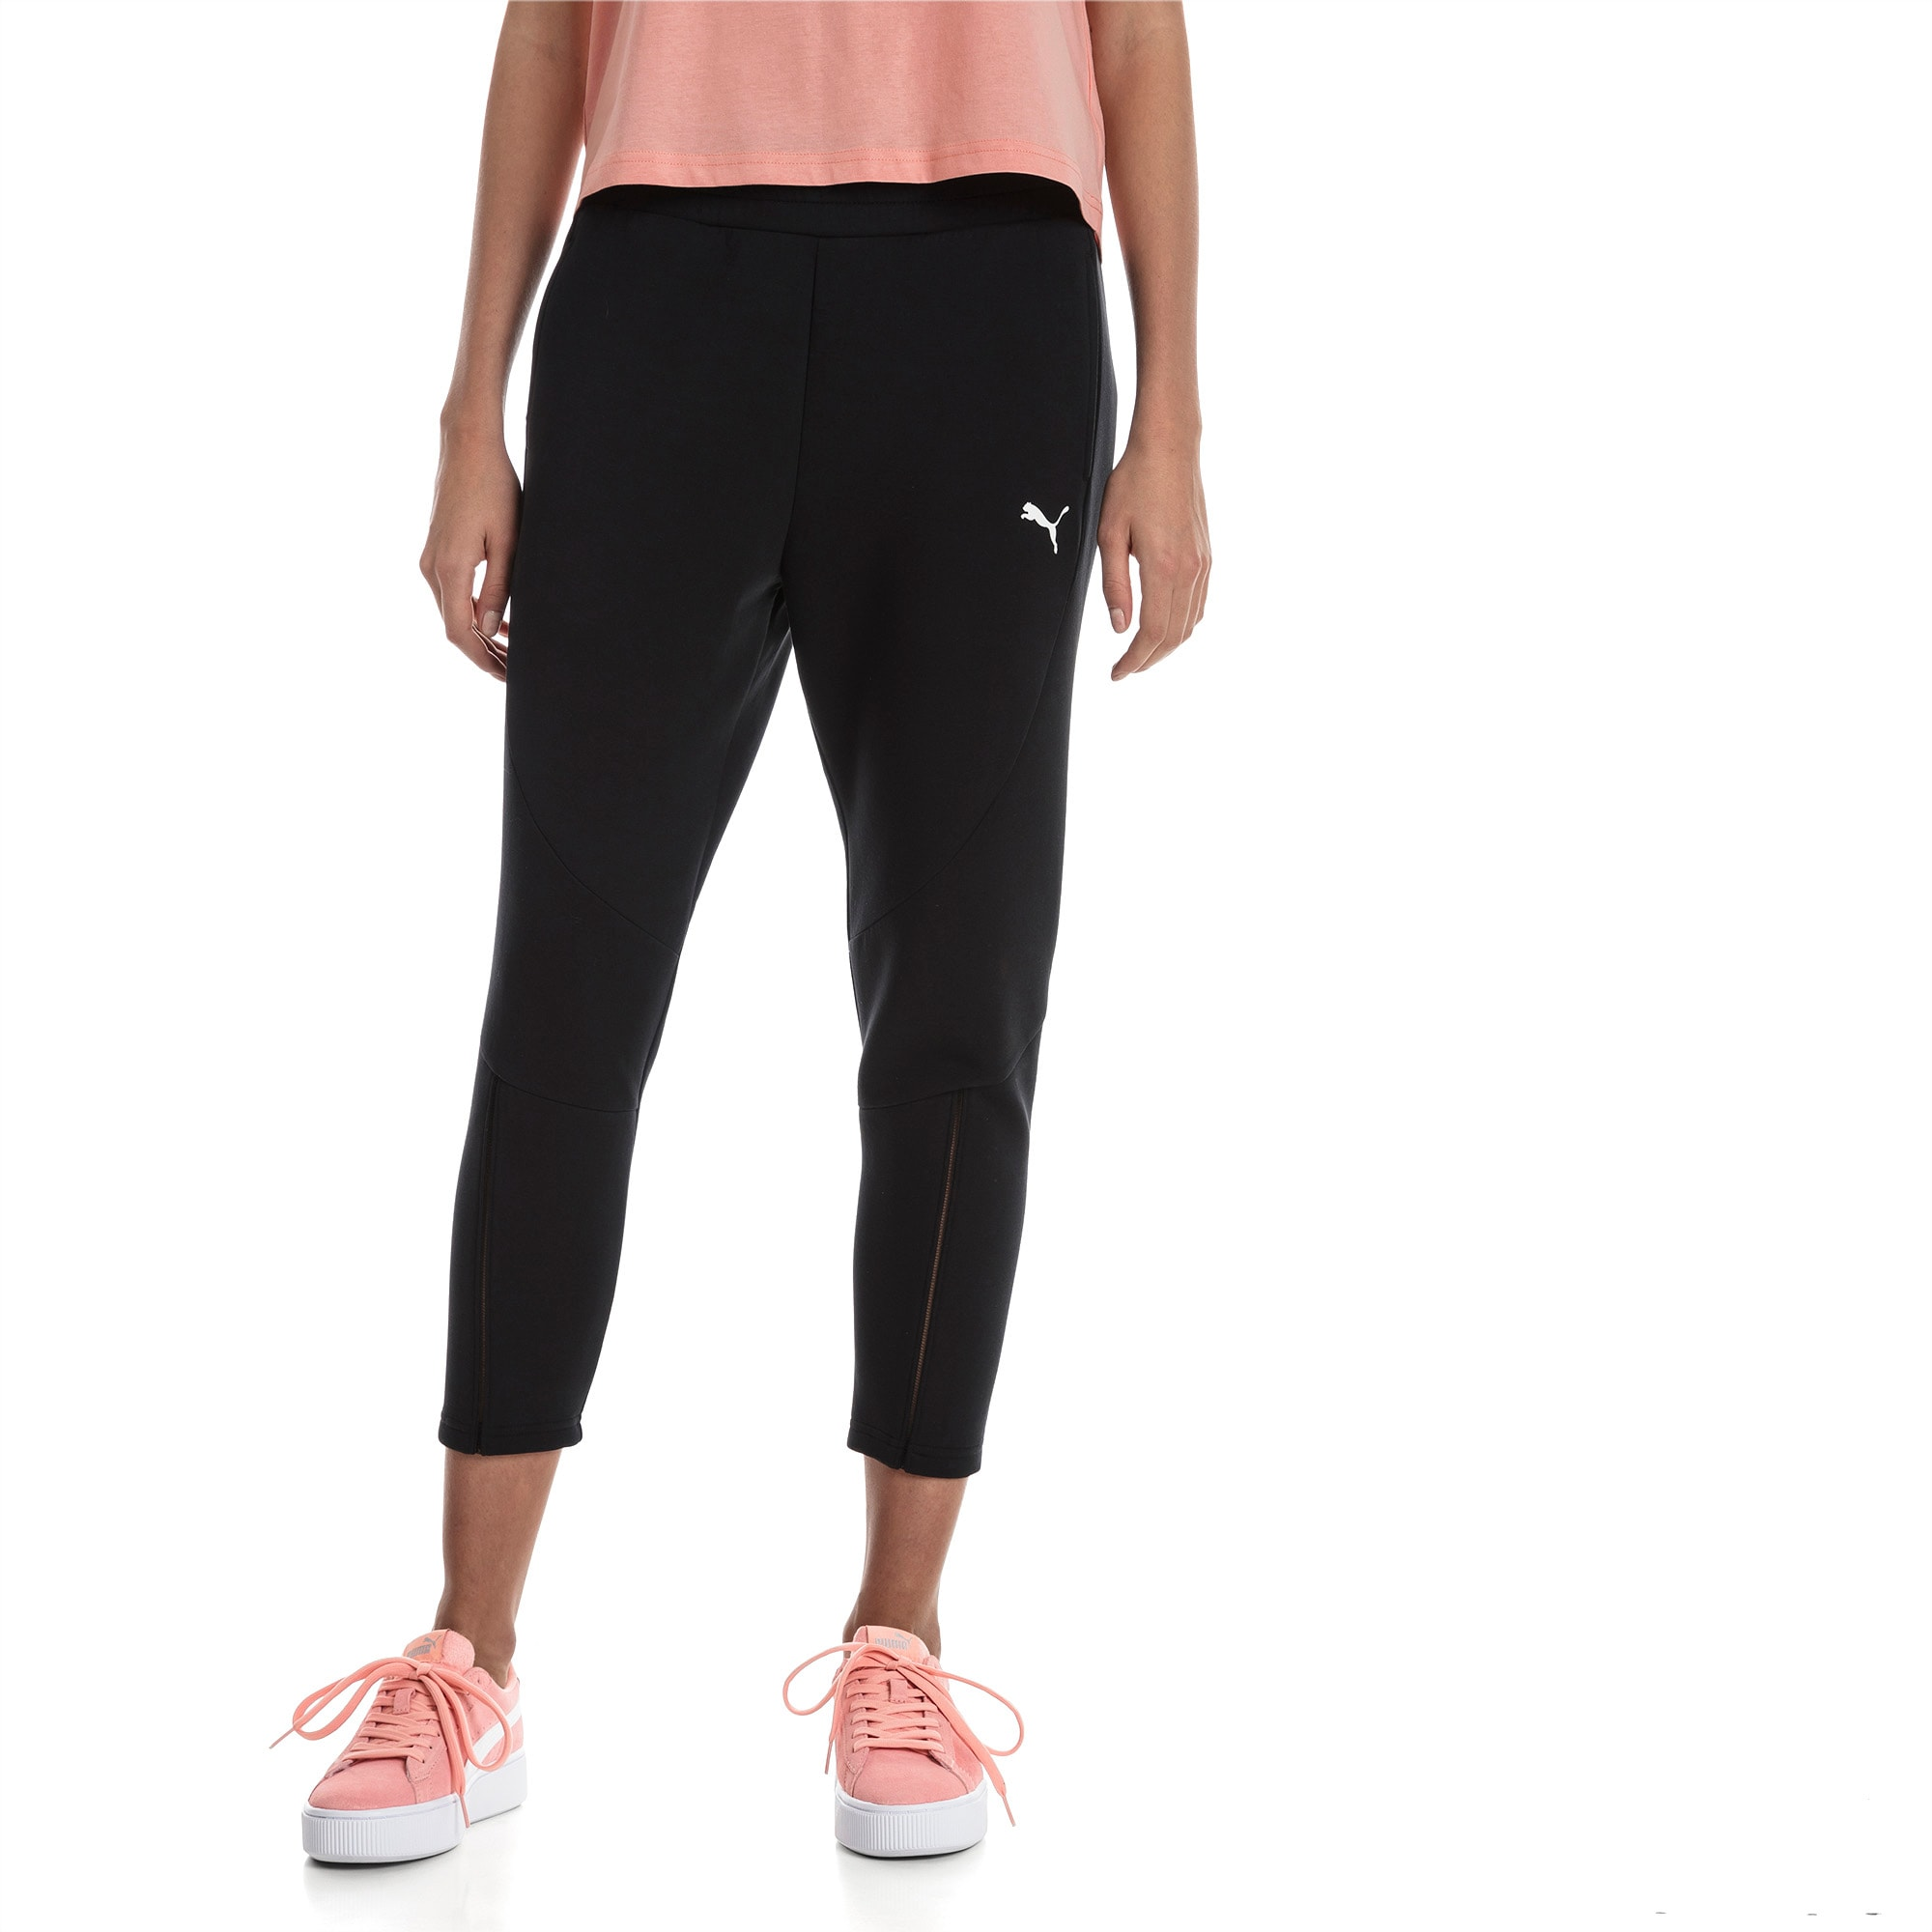 Evostripe Move Damen Hose | Cotton Black | PUMA Do You